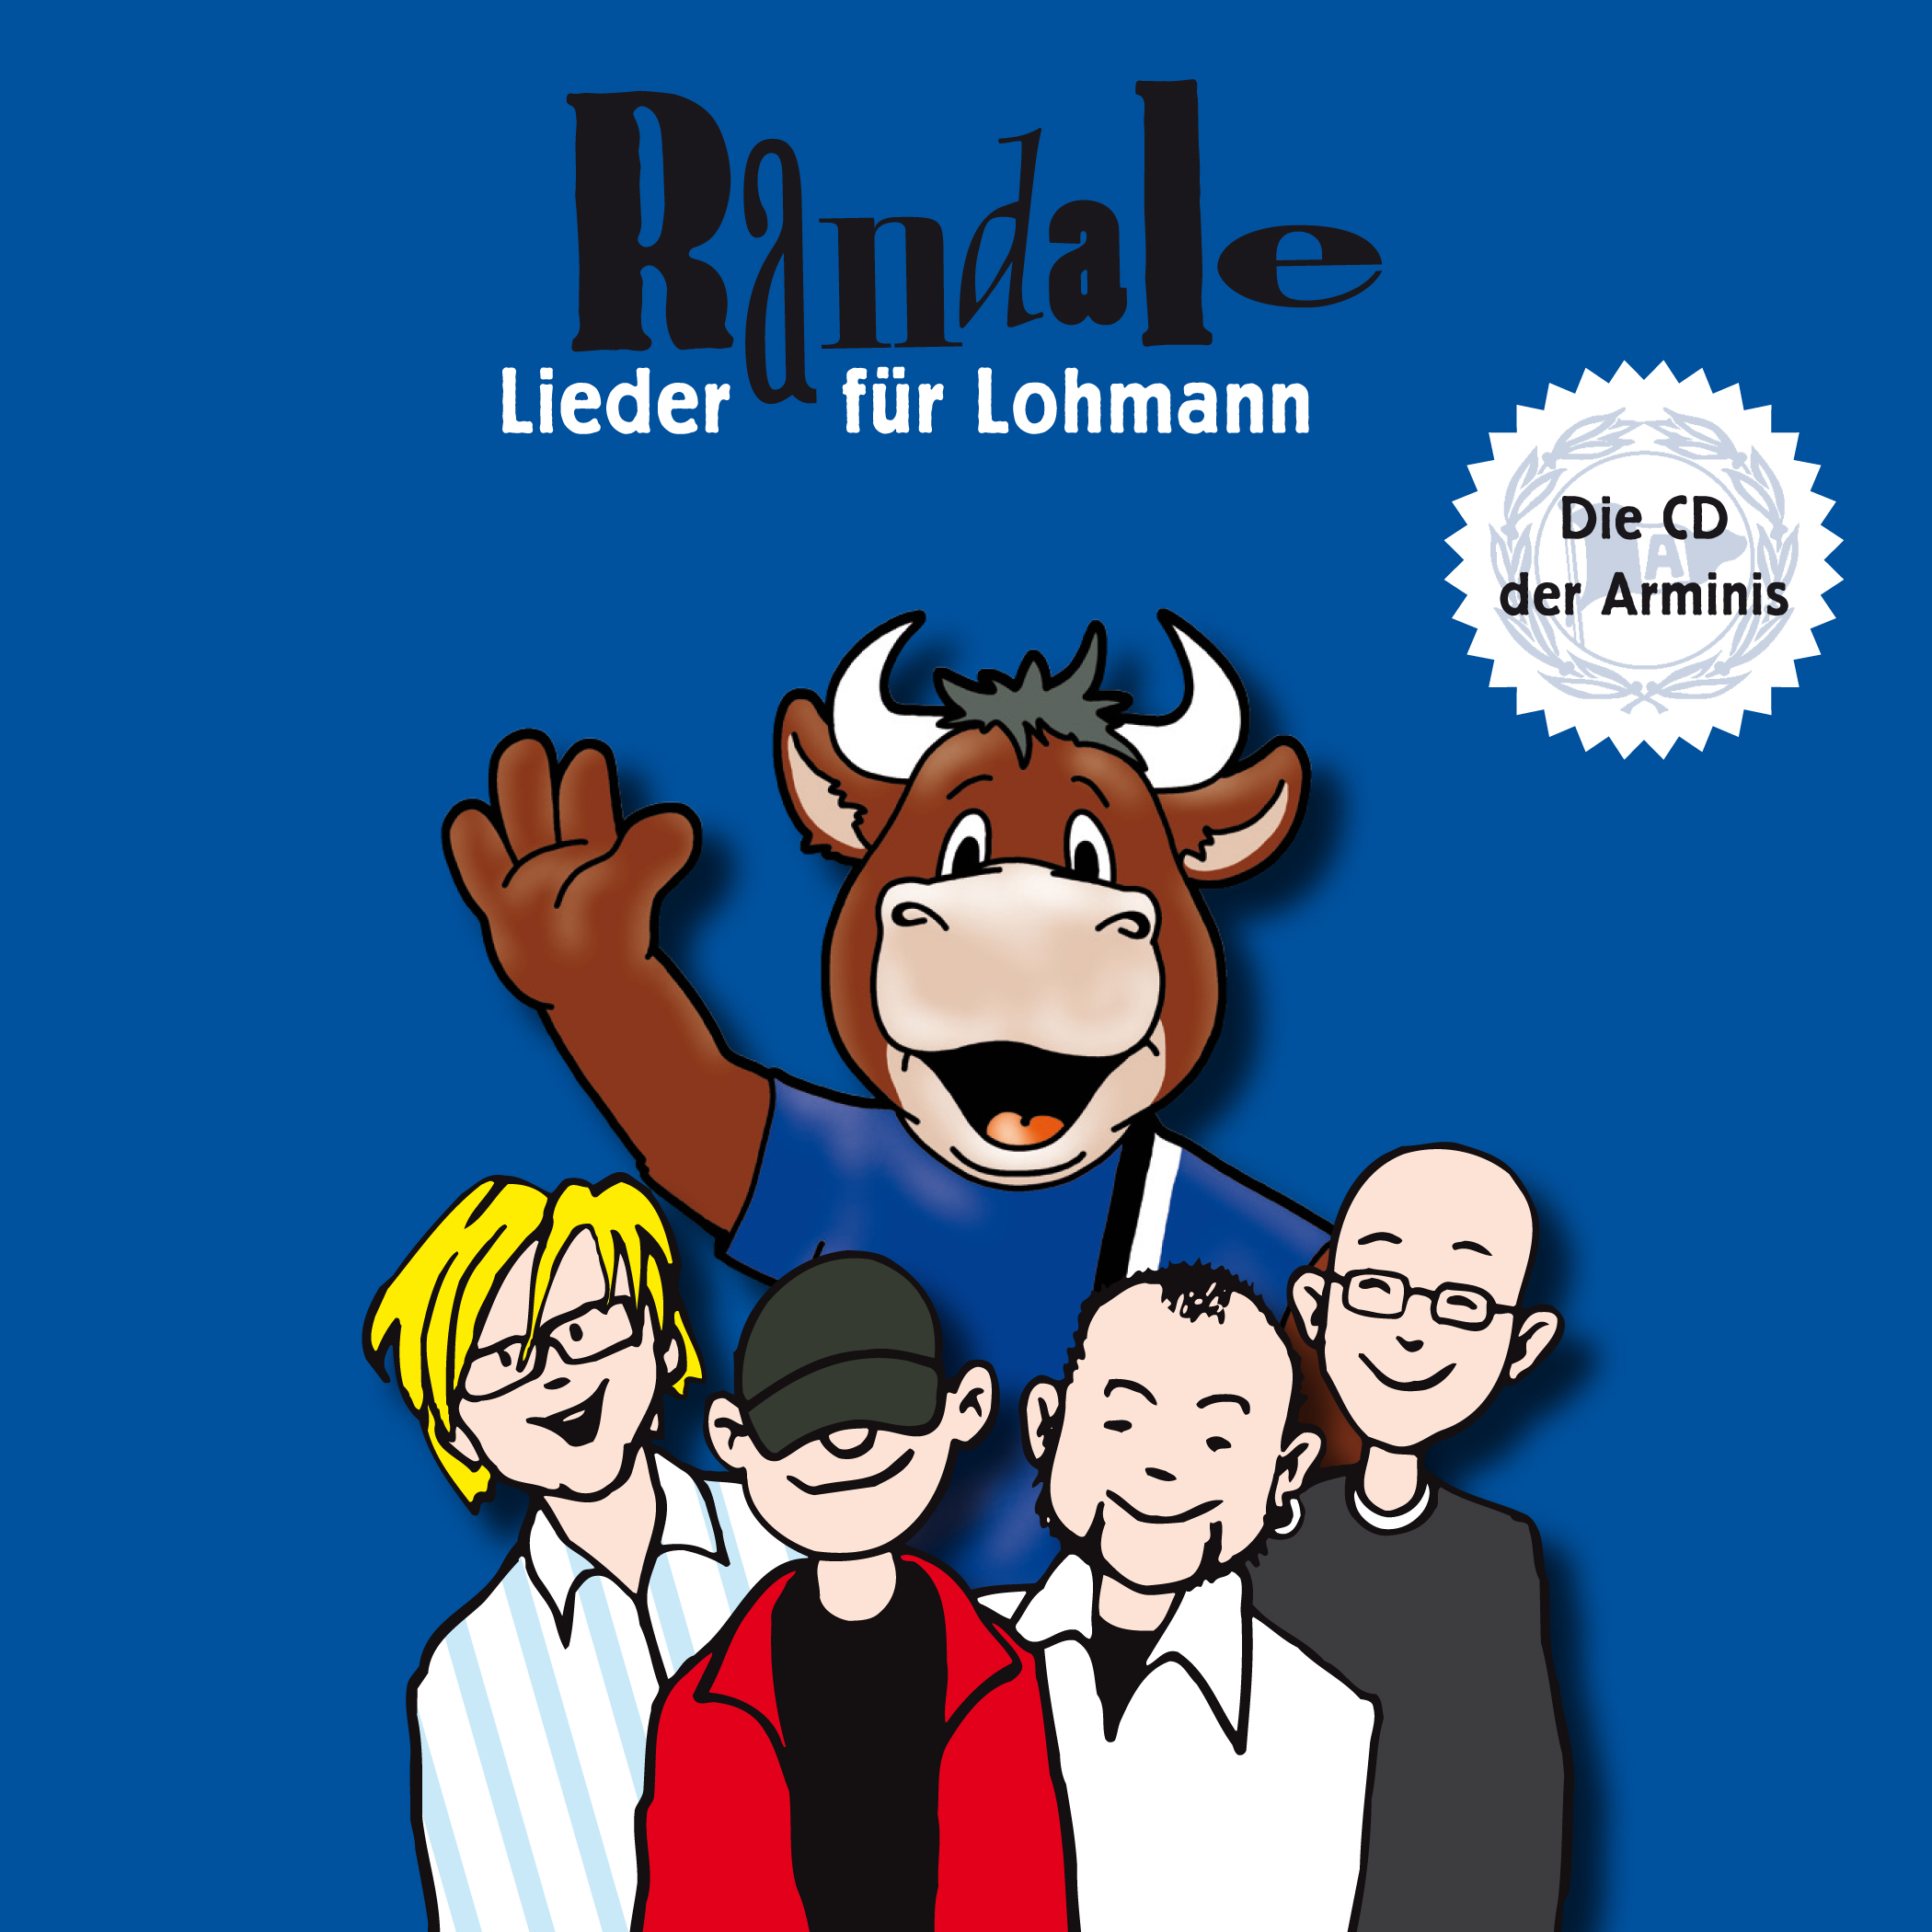 CD: Randale - Lieder für Lohmann